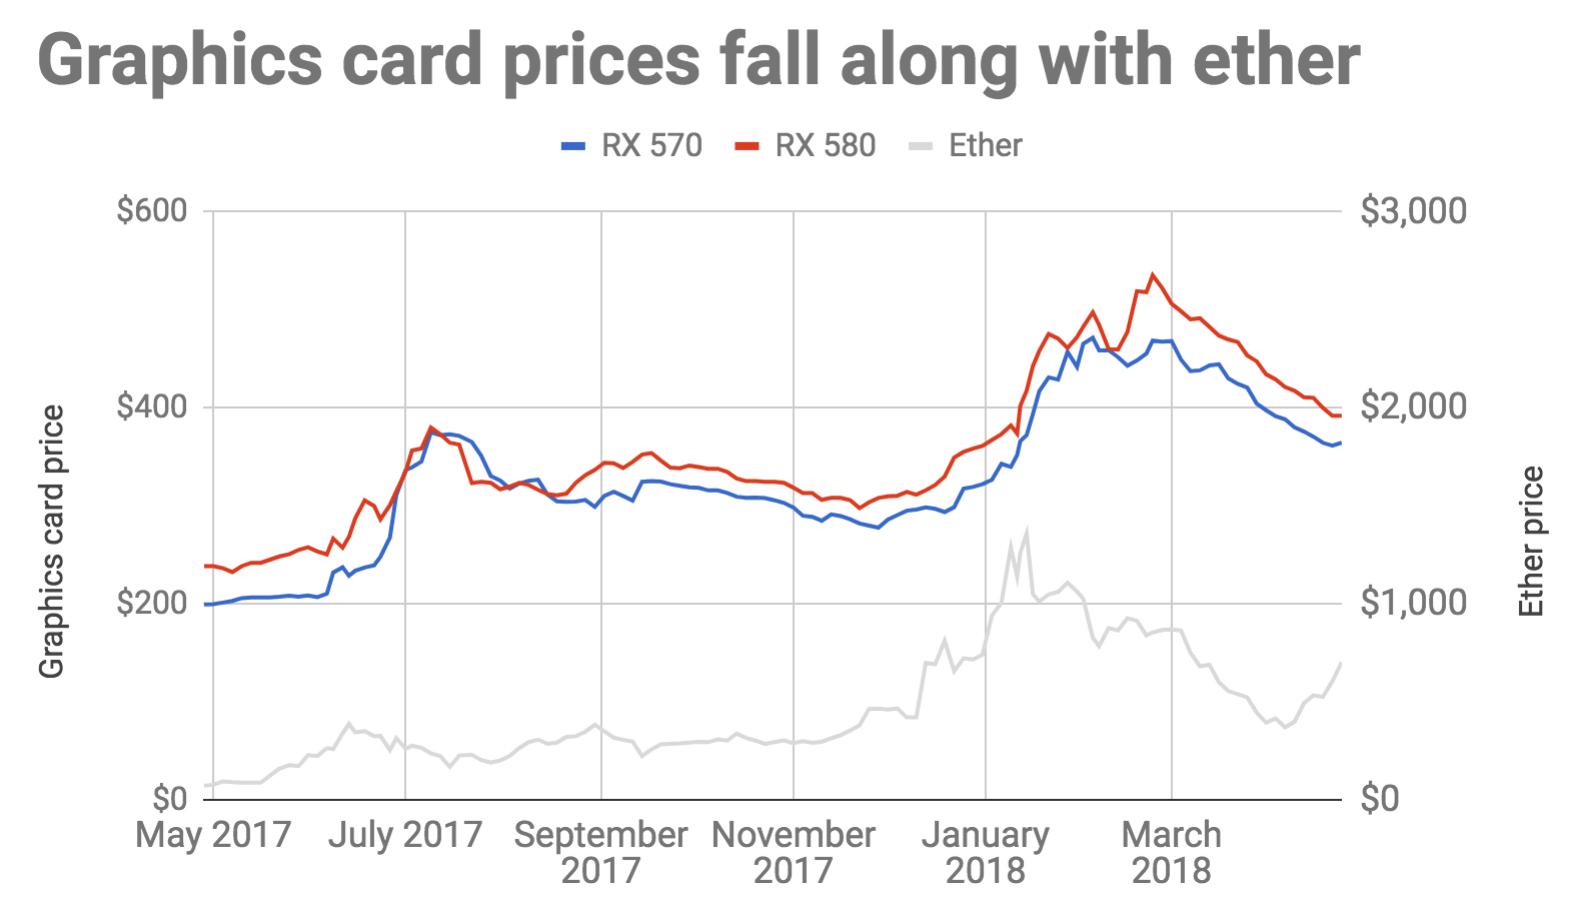 El precio de las GPU baja gracias al desplome de las criptomonedas 31